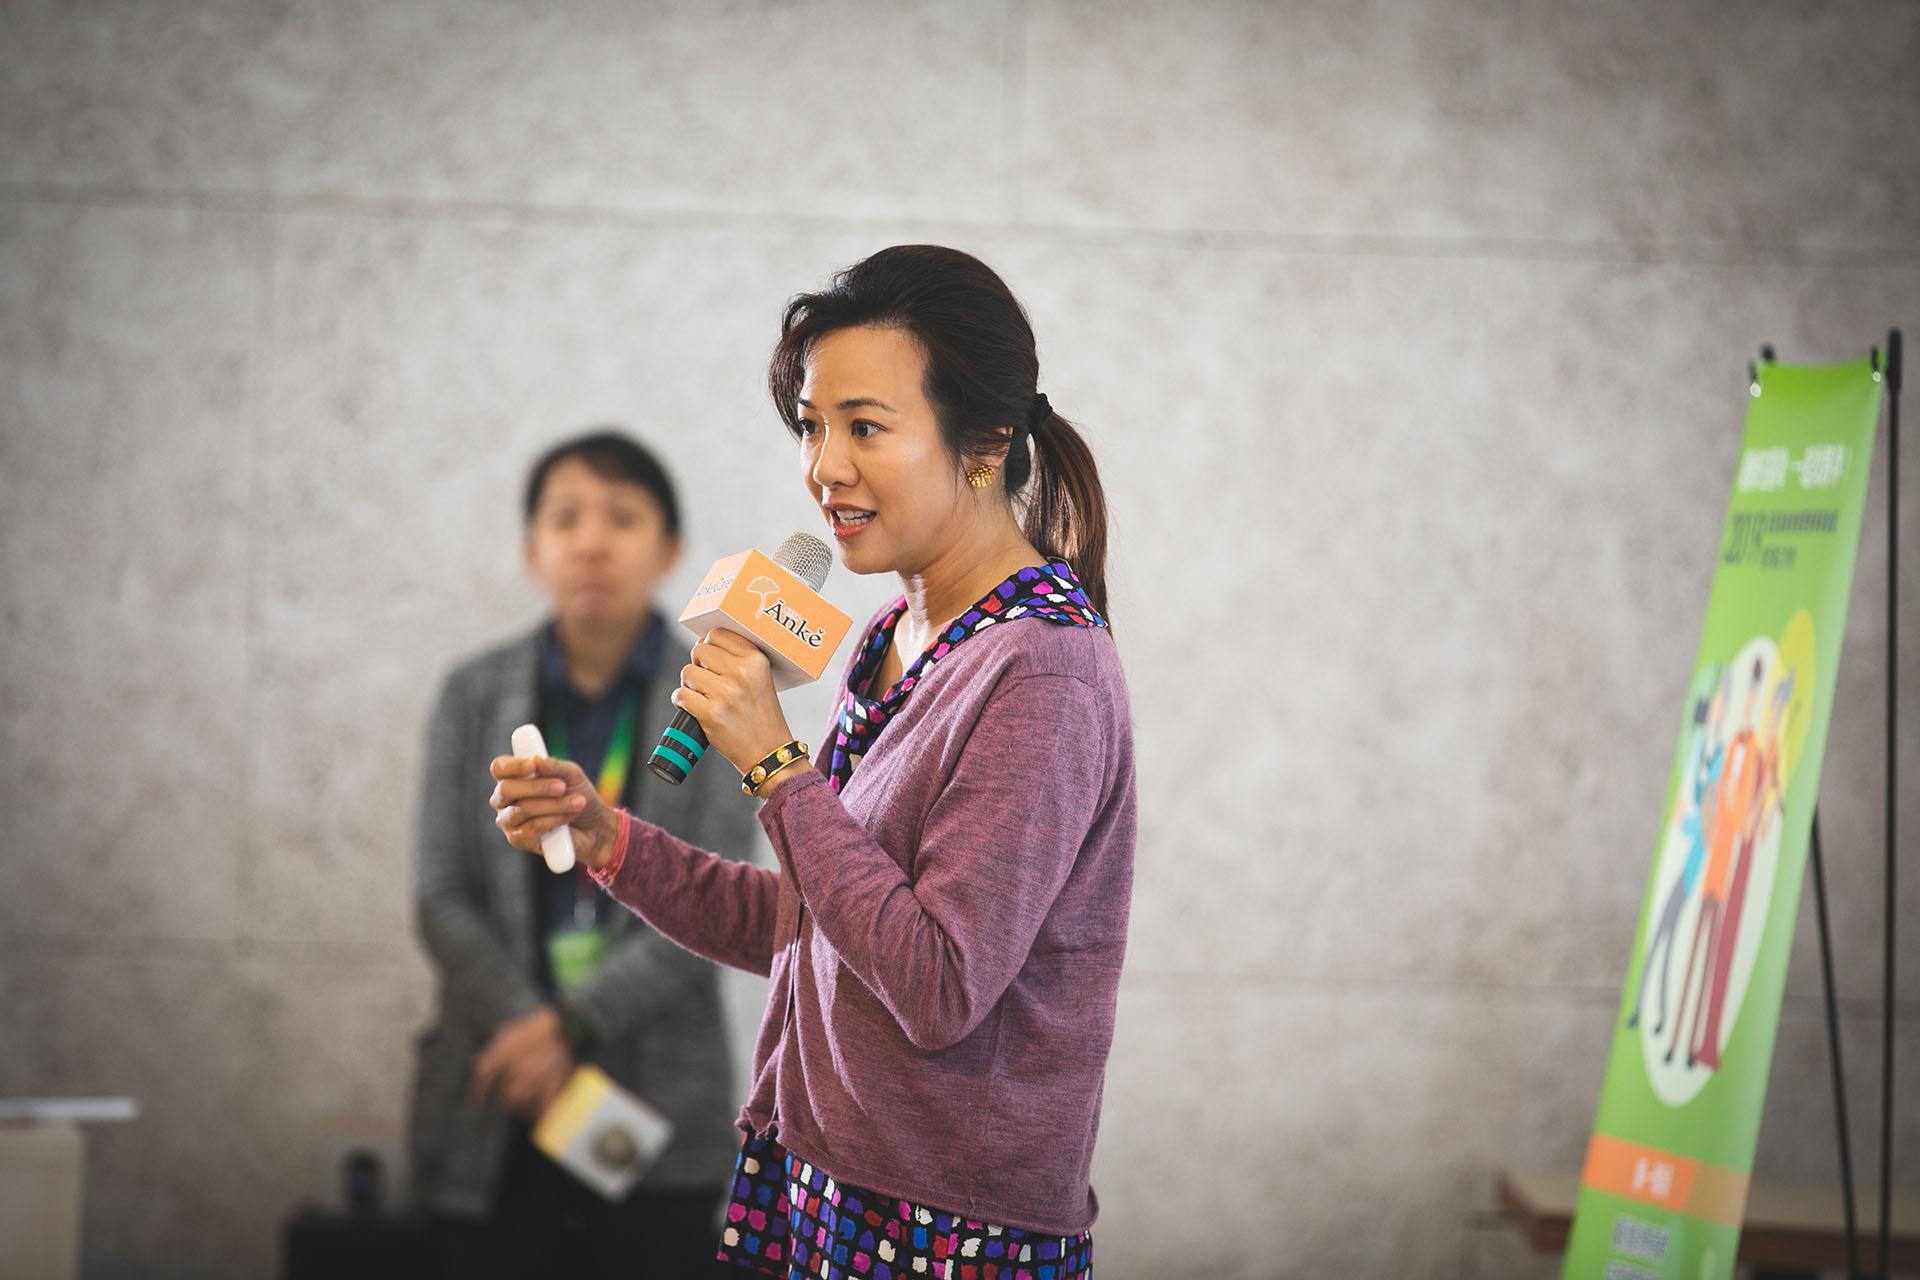 新光人壽慈善基金會執行長吳欣盈15年前便從美國引進了「傳承藝術」和「活化歷史」。